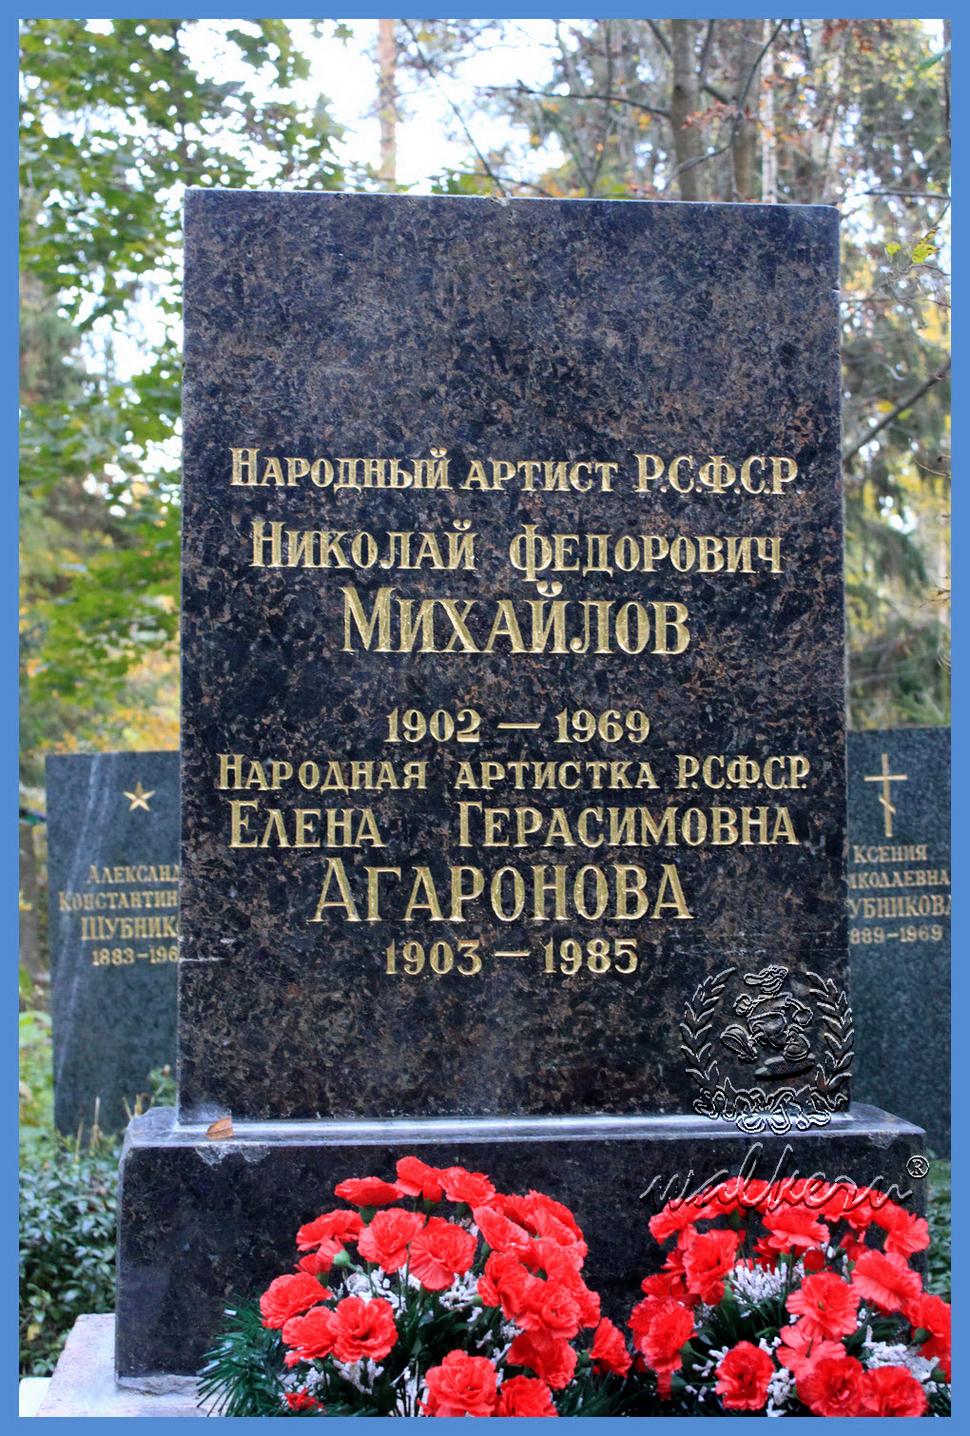 Могила Агароновой Е.Г.на Северном кладбище